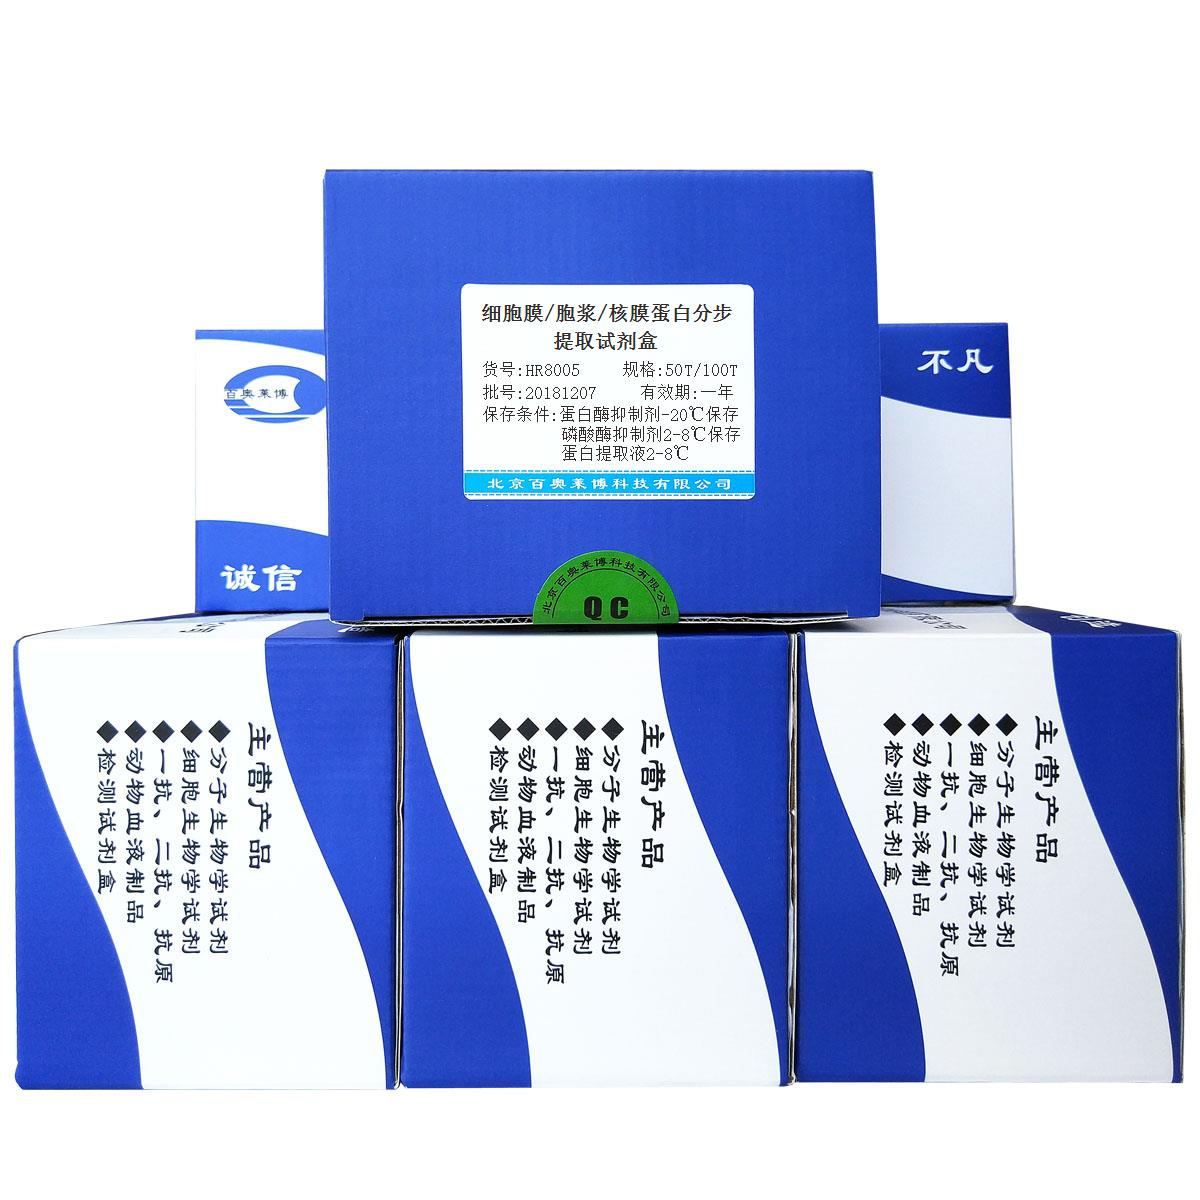 细胞膜/胞浆/核膜蛋白分步提取试剂盒